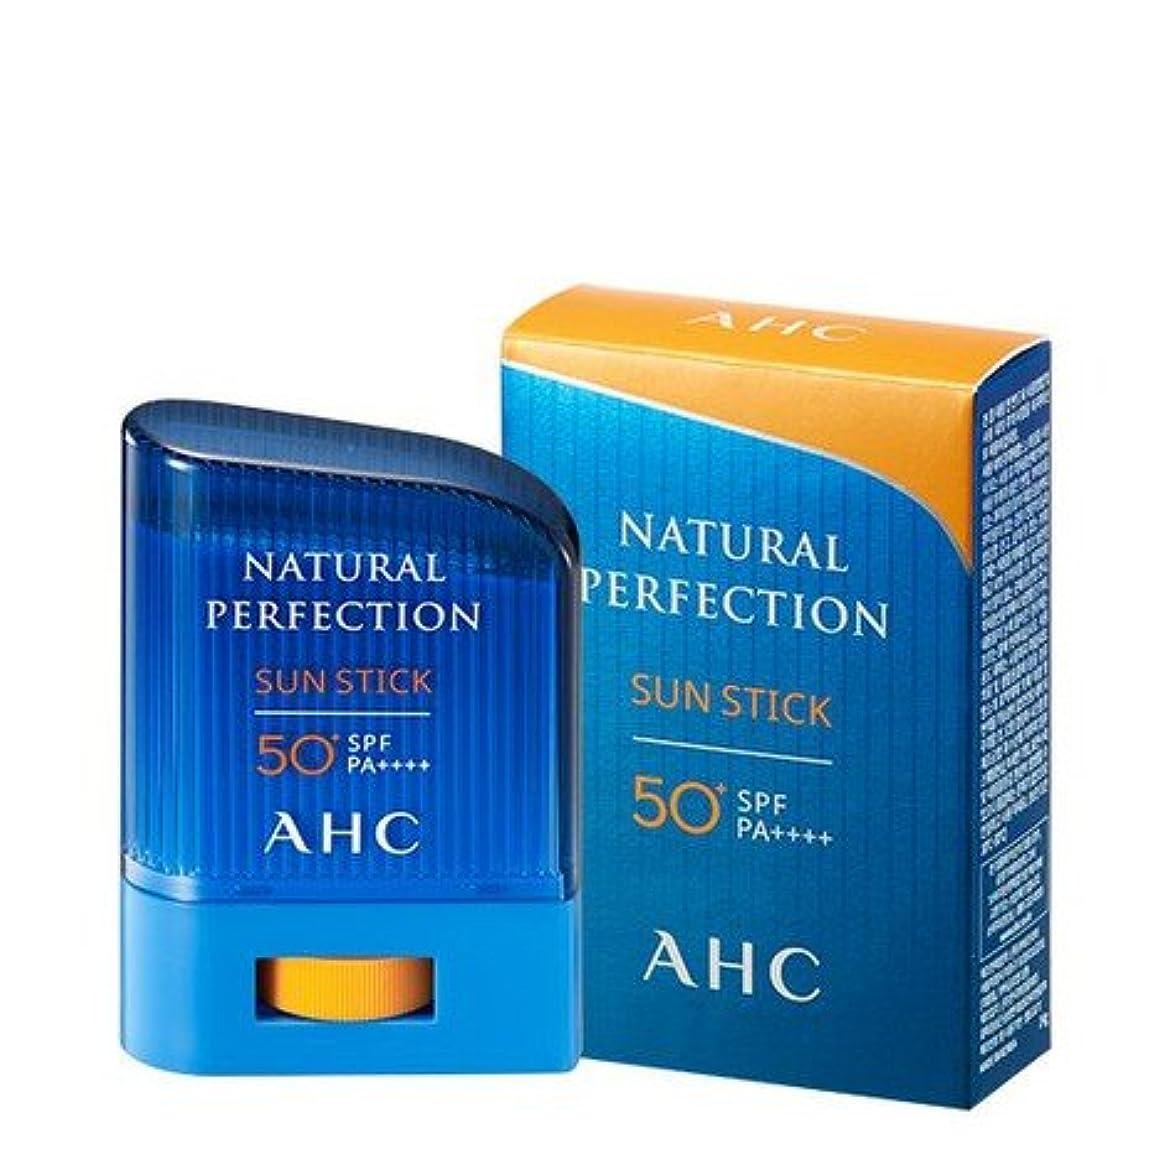 うまくいけばファンアデレード[Renewal 最新] AHCナチュラルパーフェクション線スティック / AHC NATURAL PERFECTION SUN STICK [SPF 50+ / PA ++++] [並行輸入品] (14g)